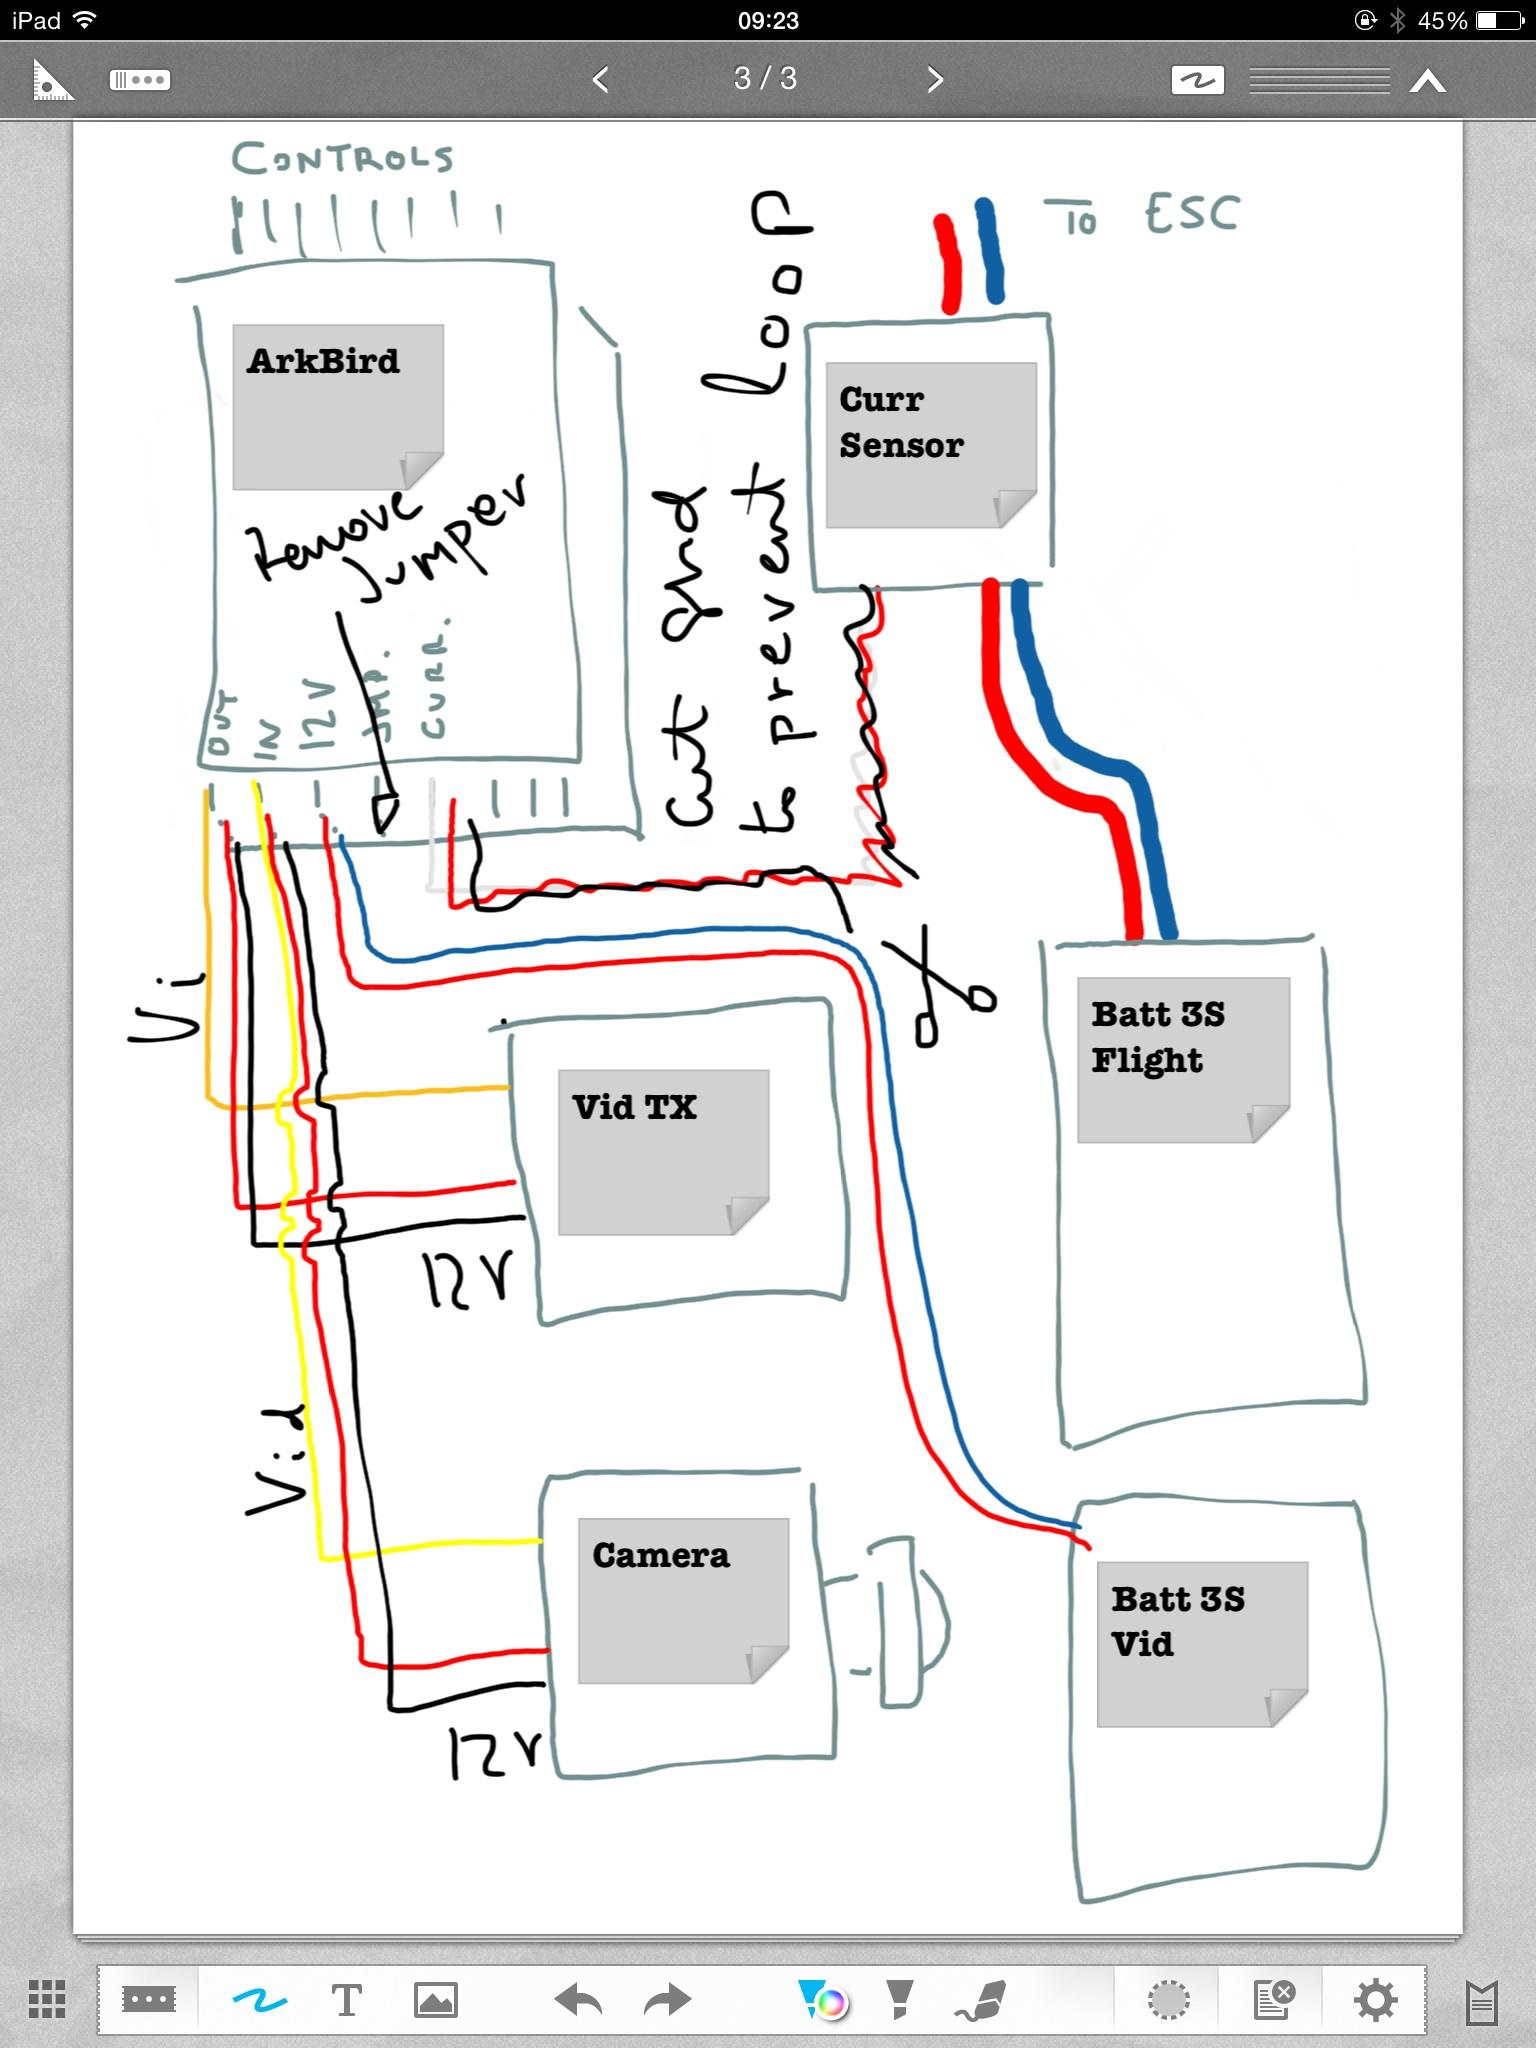 arkbird autopilot system w osd v3 1020 gps altitude hold auto level wiring 12v cam and vtx dual batt